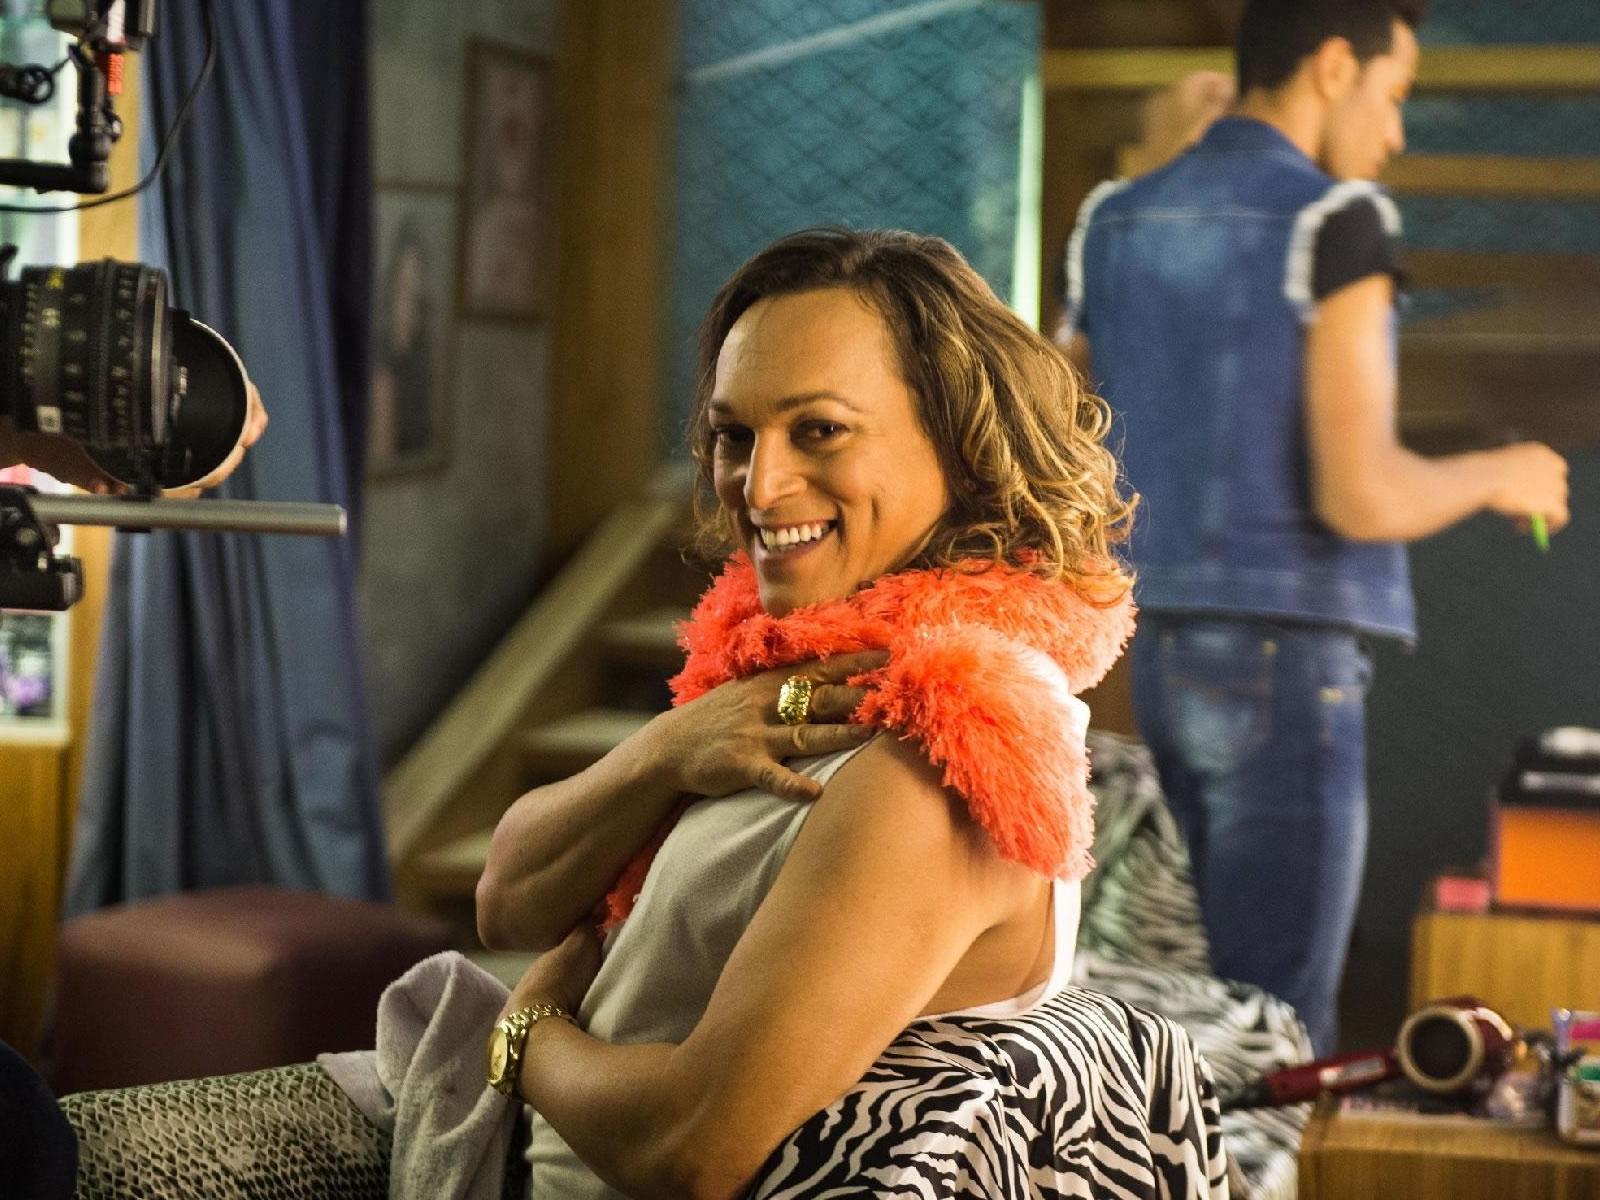 'Ser confundido com gay me engrandece', diz Fábio Lago ao ser chamado de gay nas ruas